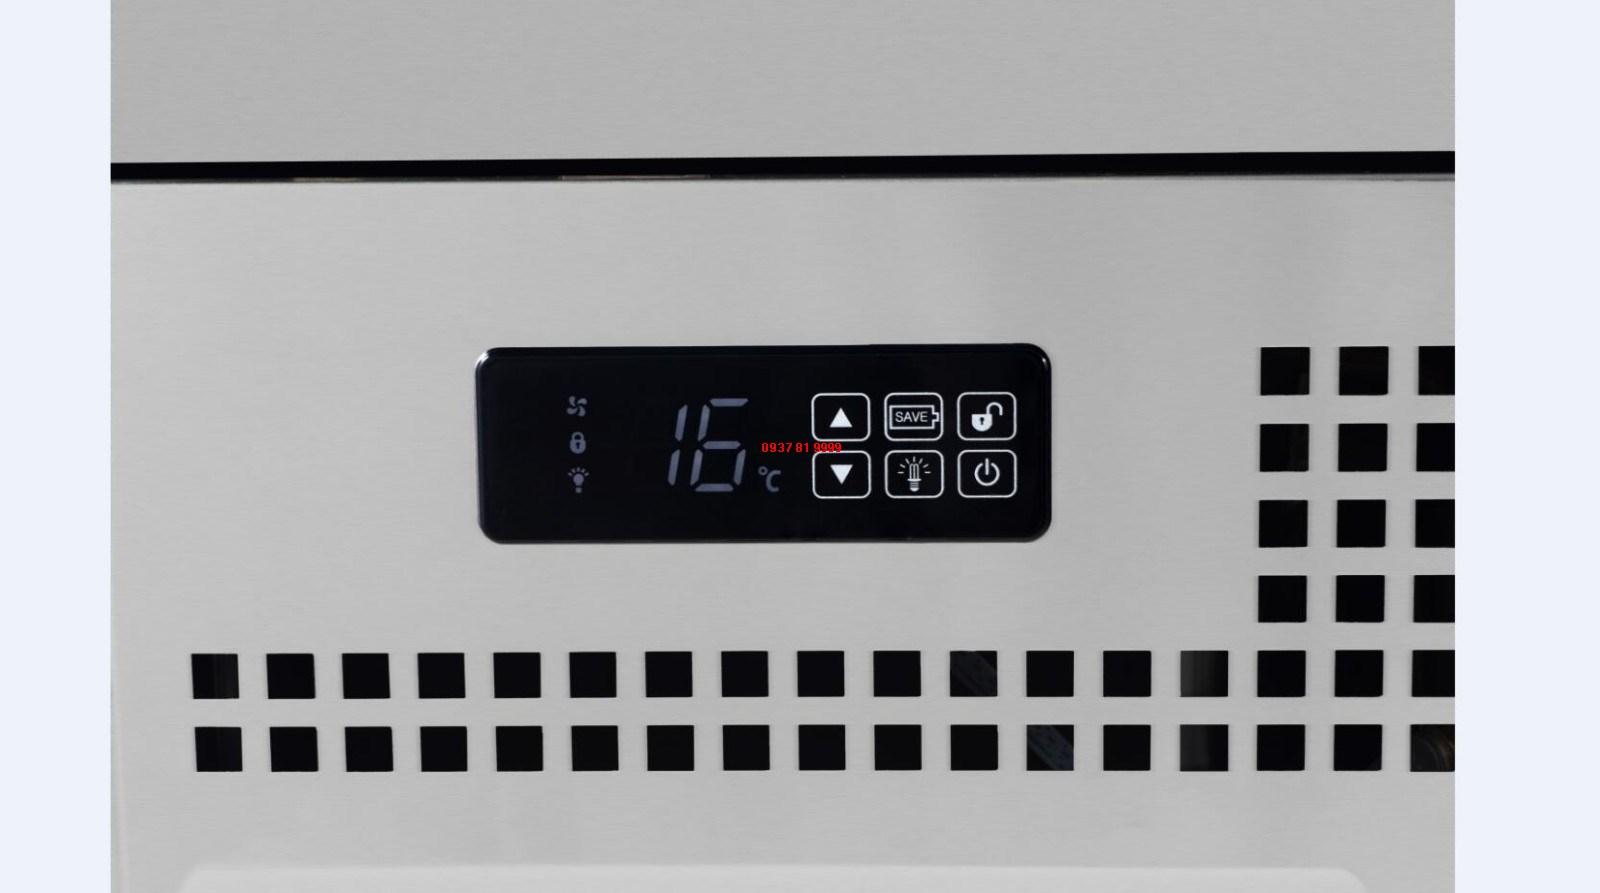 Tủ trưng bày bánh 1 tầng Turbo Air TBP900-1 - ảnh 4